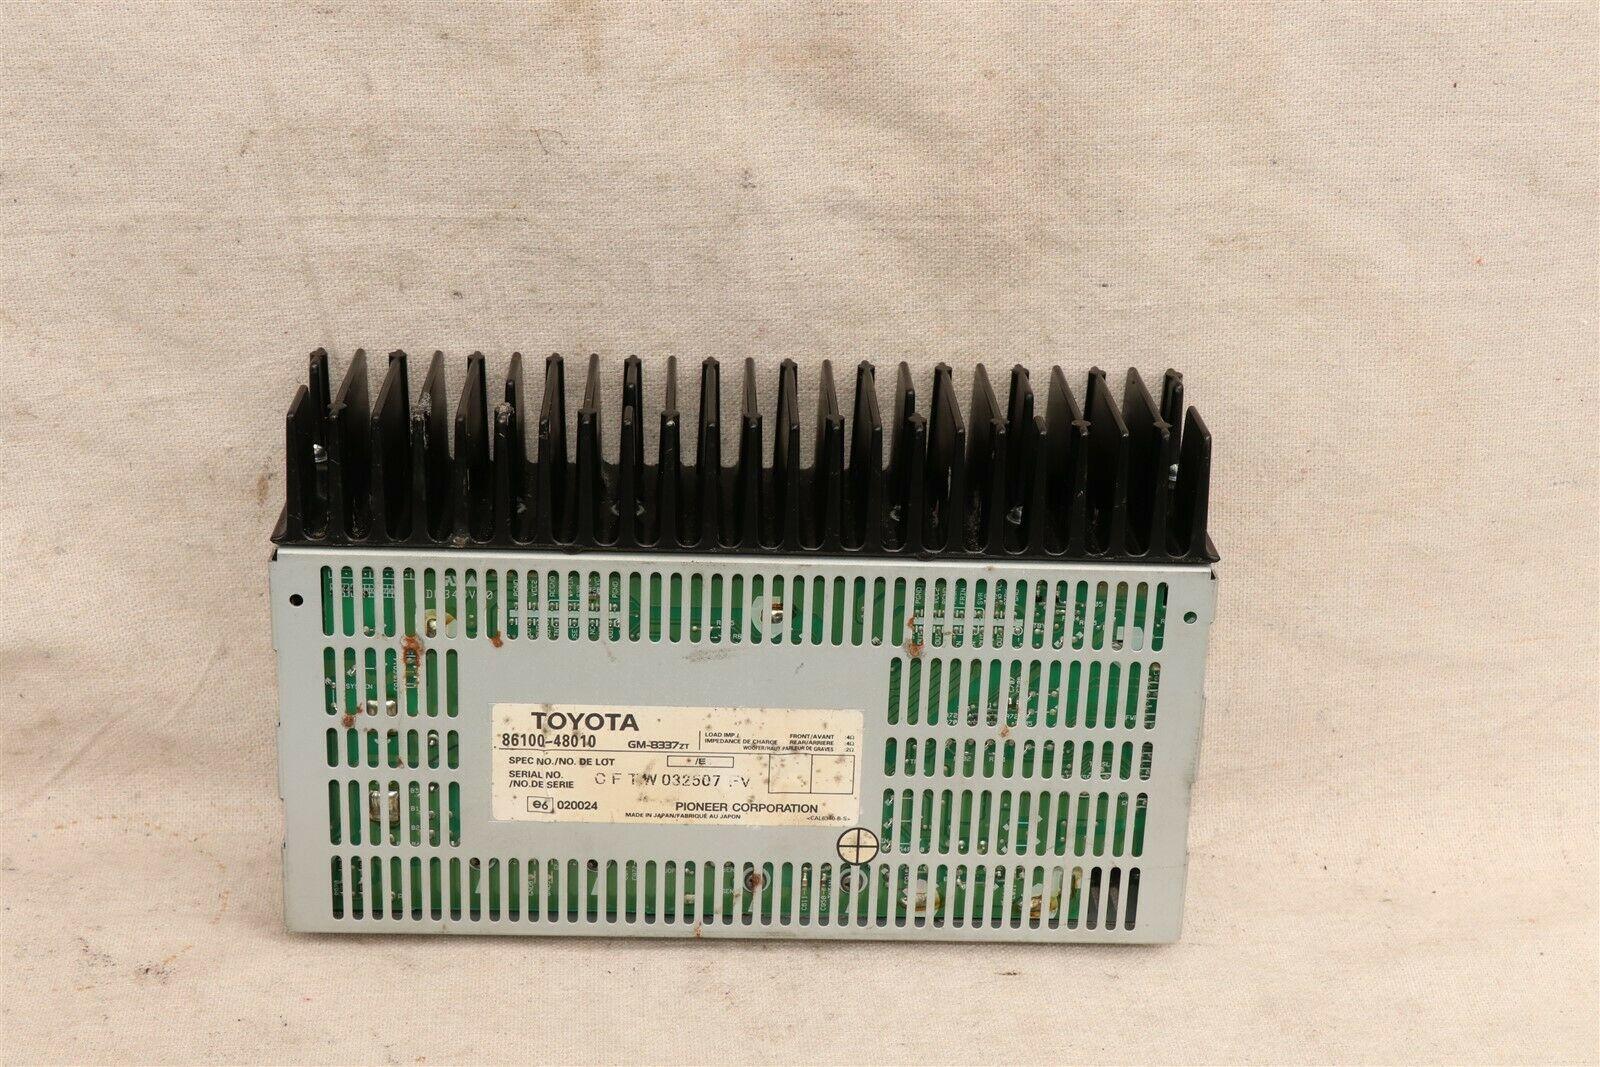 Lexus Toyota Pioneer Amp Amplifier 86100-48010, GM-8337ZT